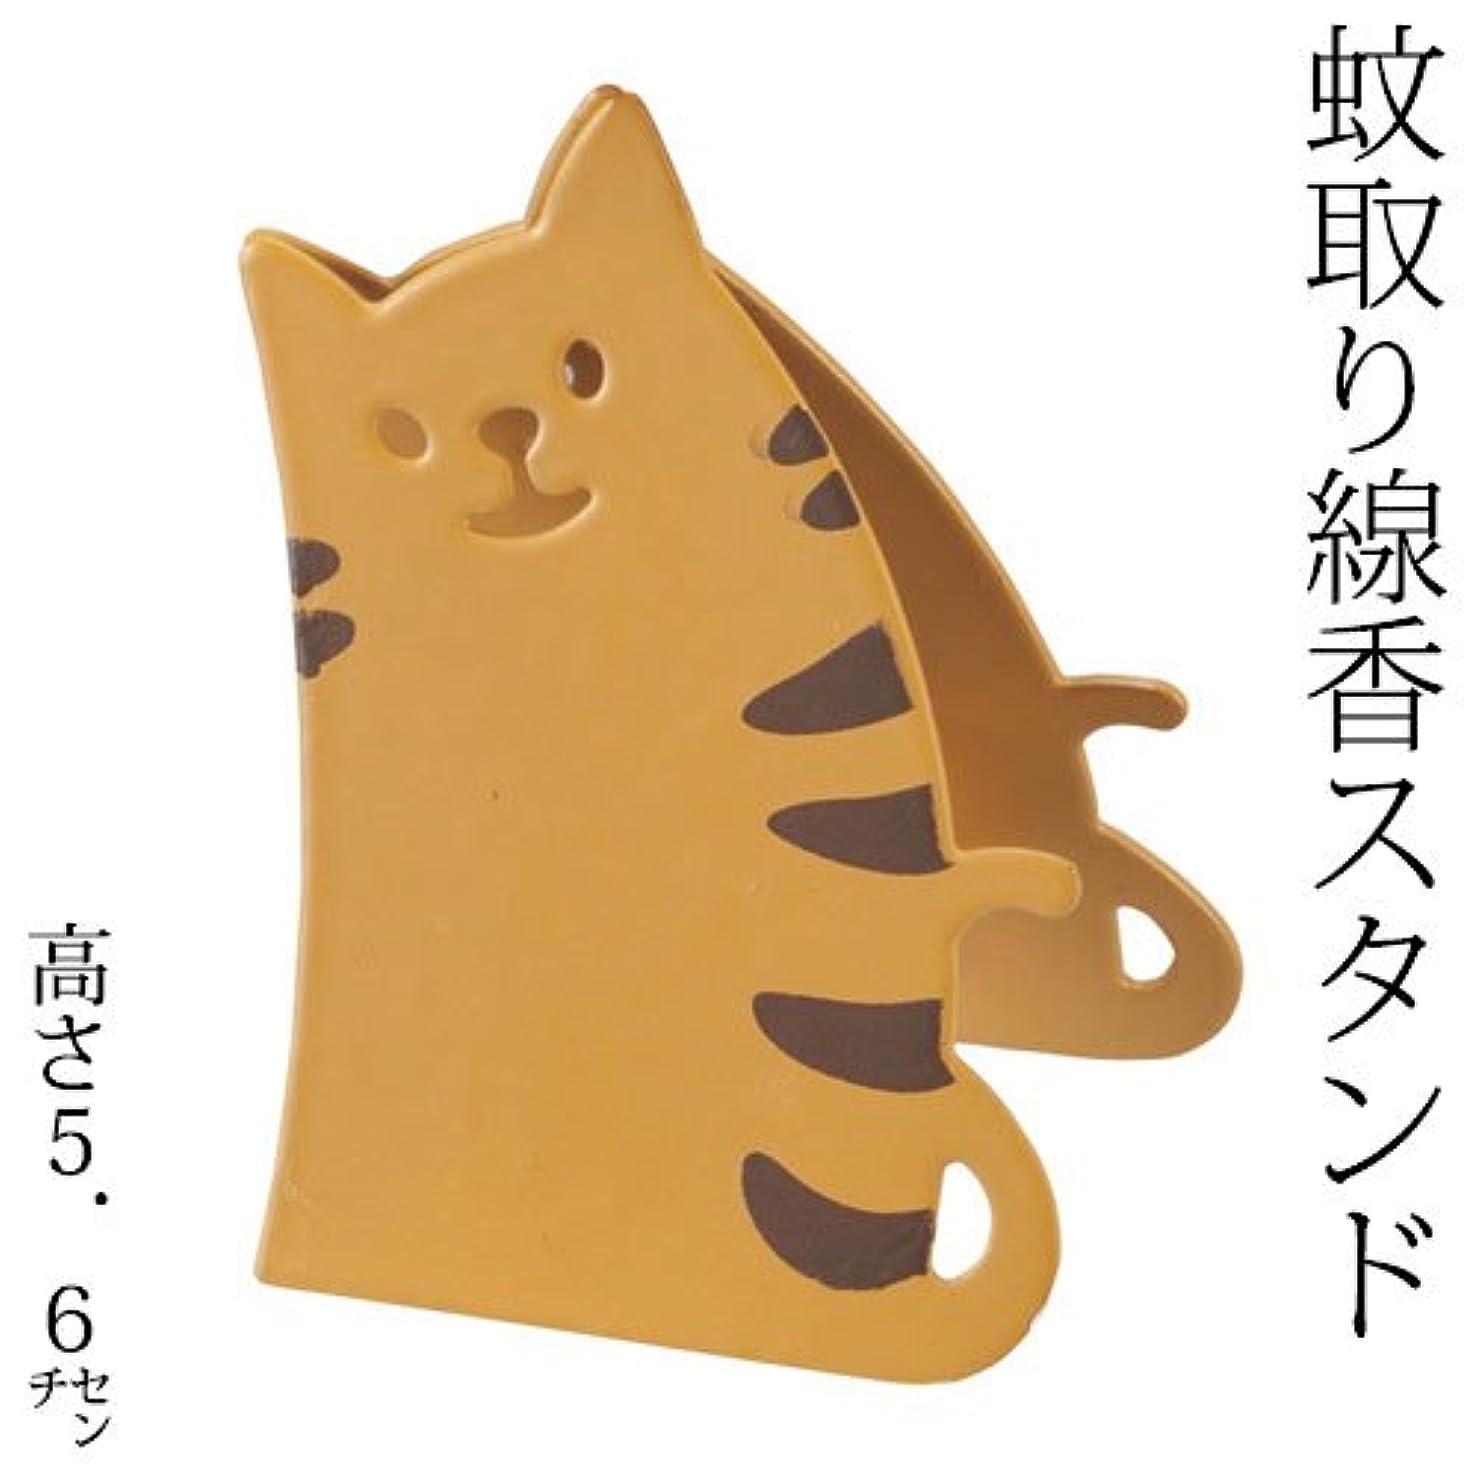 ブルーベルグローブタールDECOLE蚊取り線香クリップスタンドトラ猫 (SK-13936)Mosquito coil clip stand